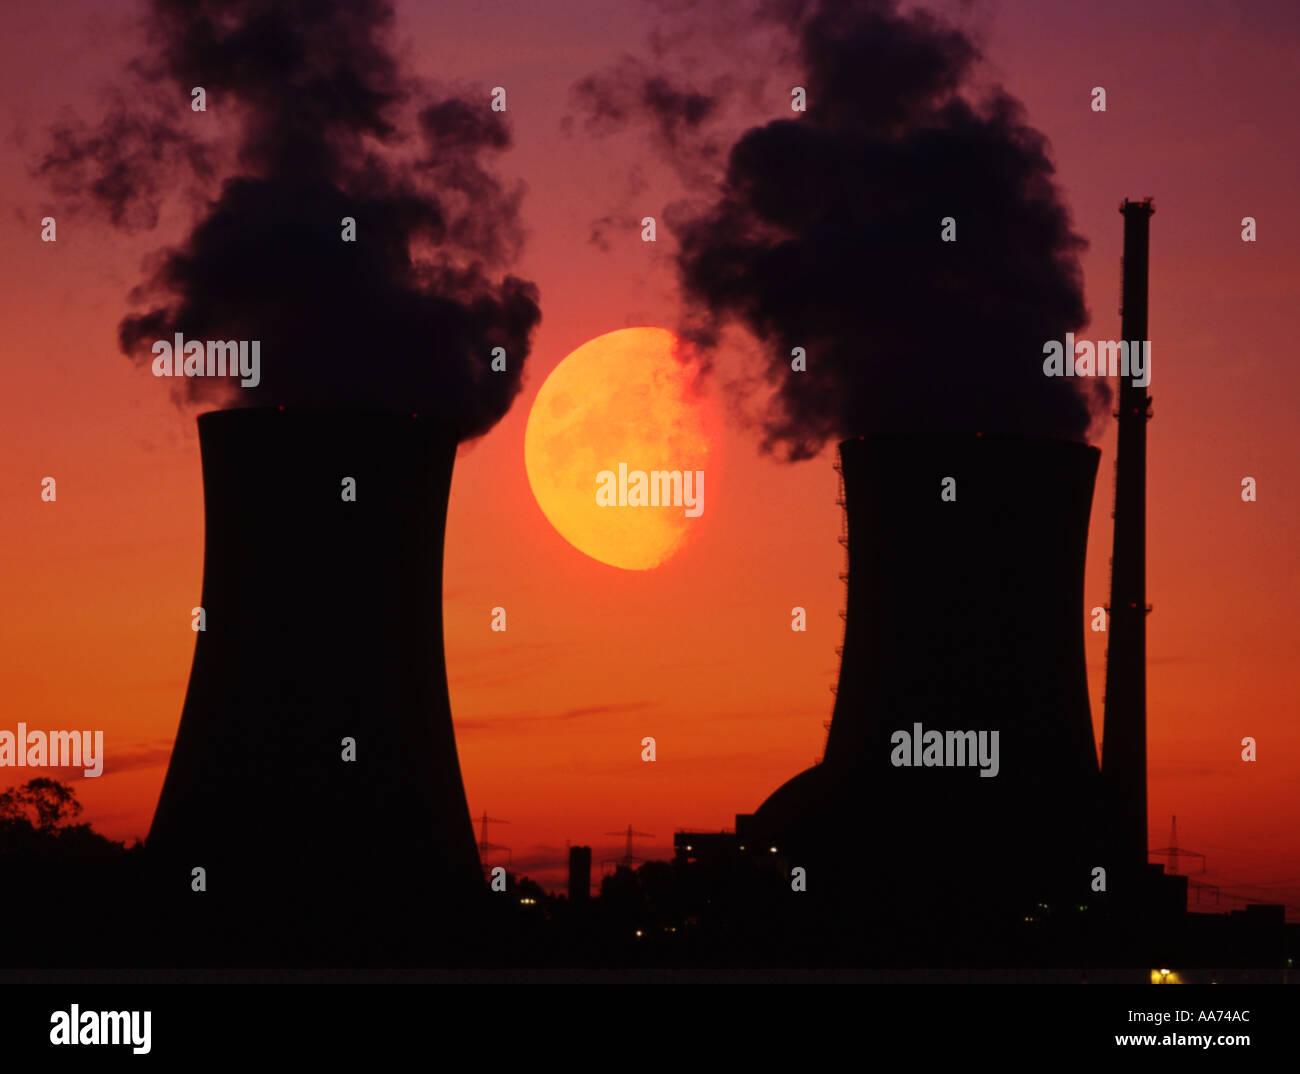 Les tours de refroidissement de la centrale nucléaire d'émission symbolique de l'énergie atomique Photo Stock